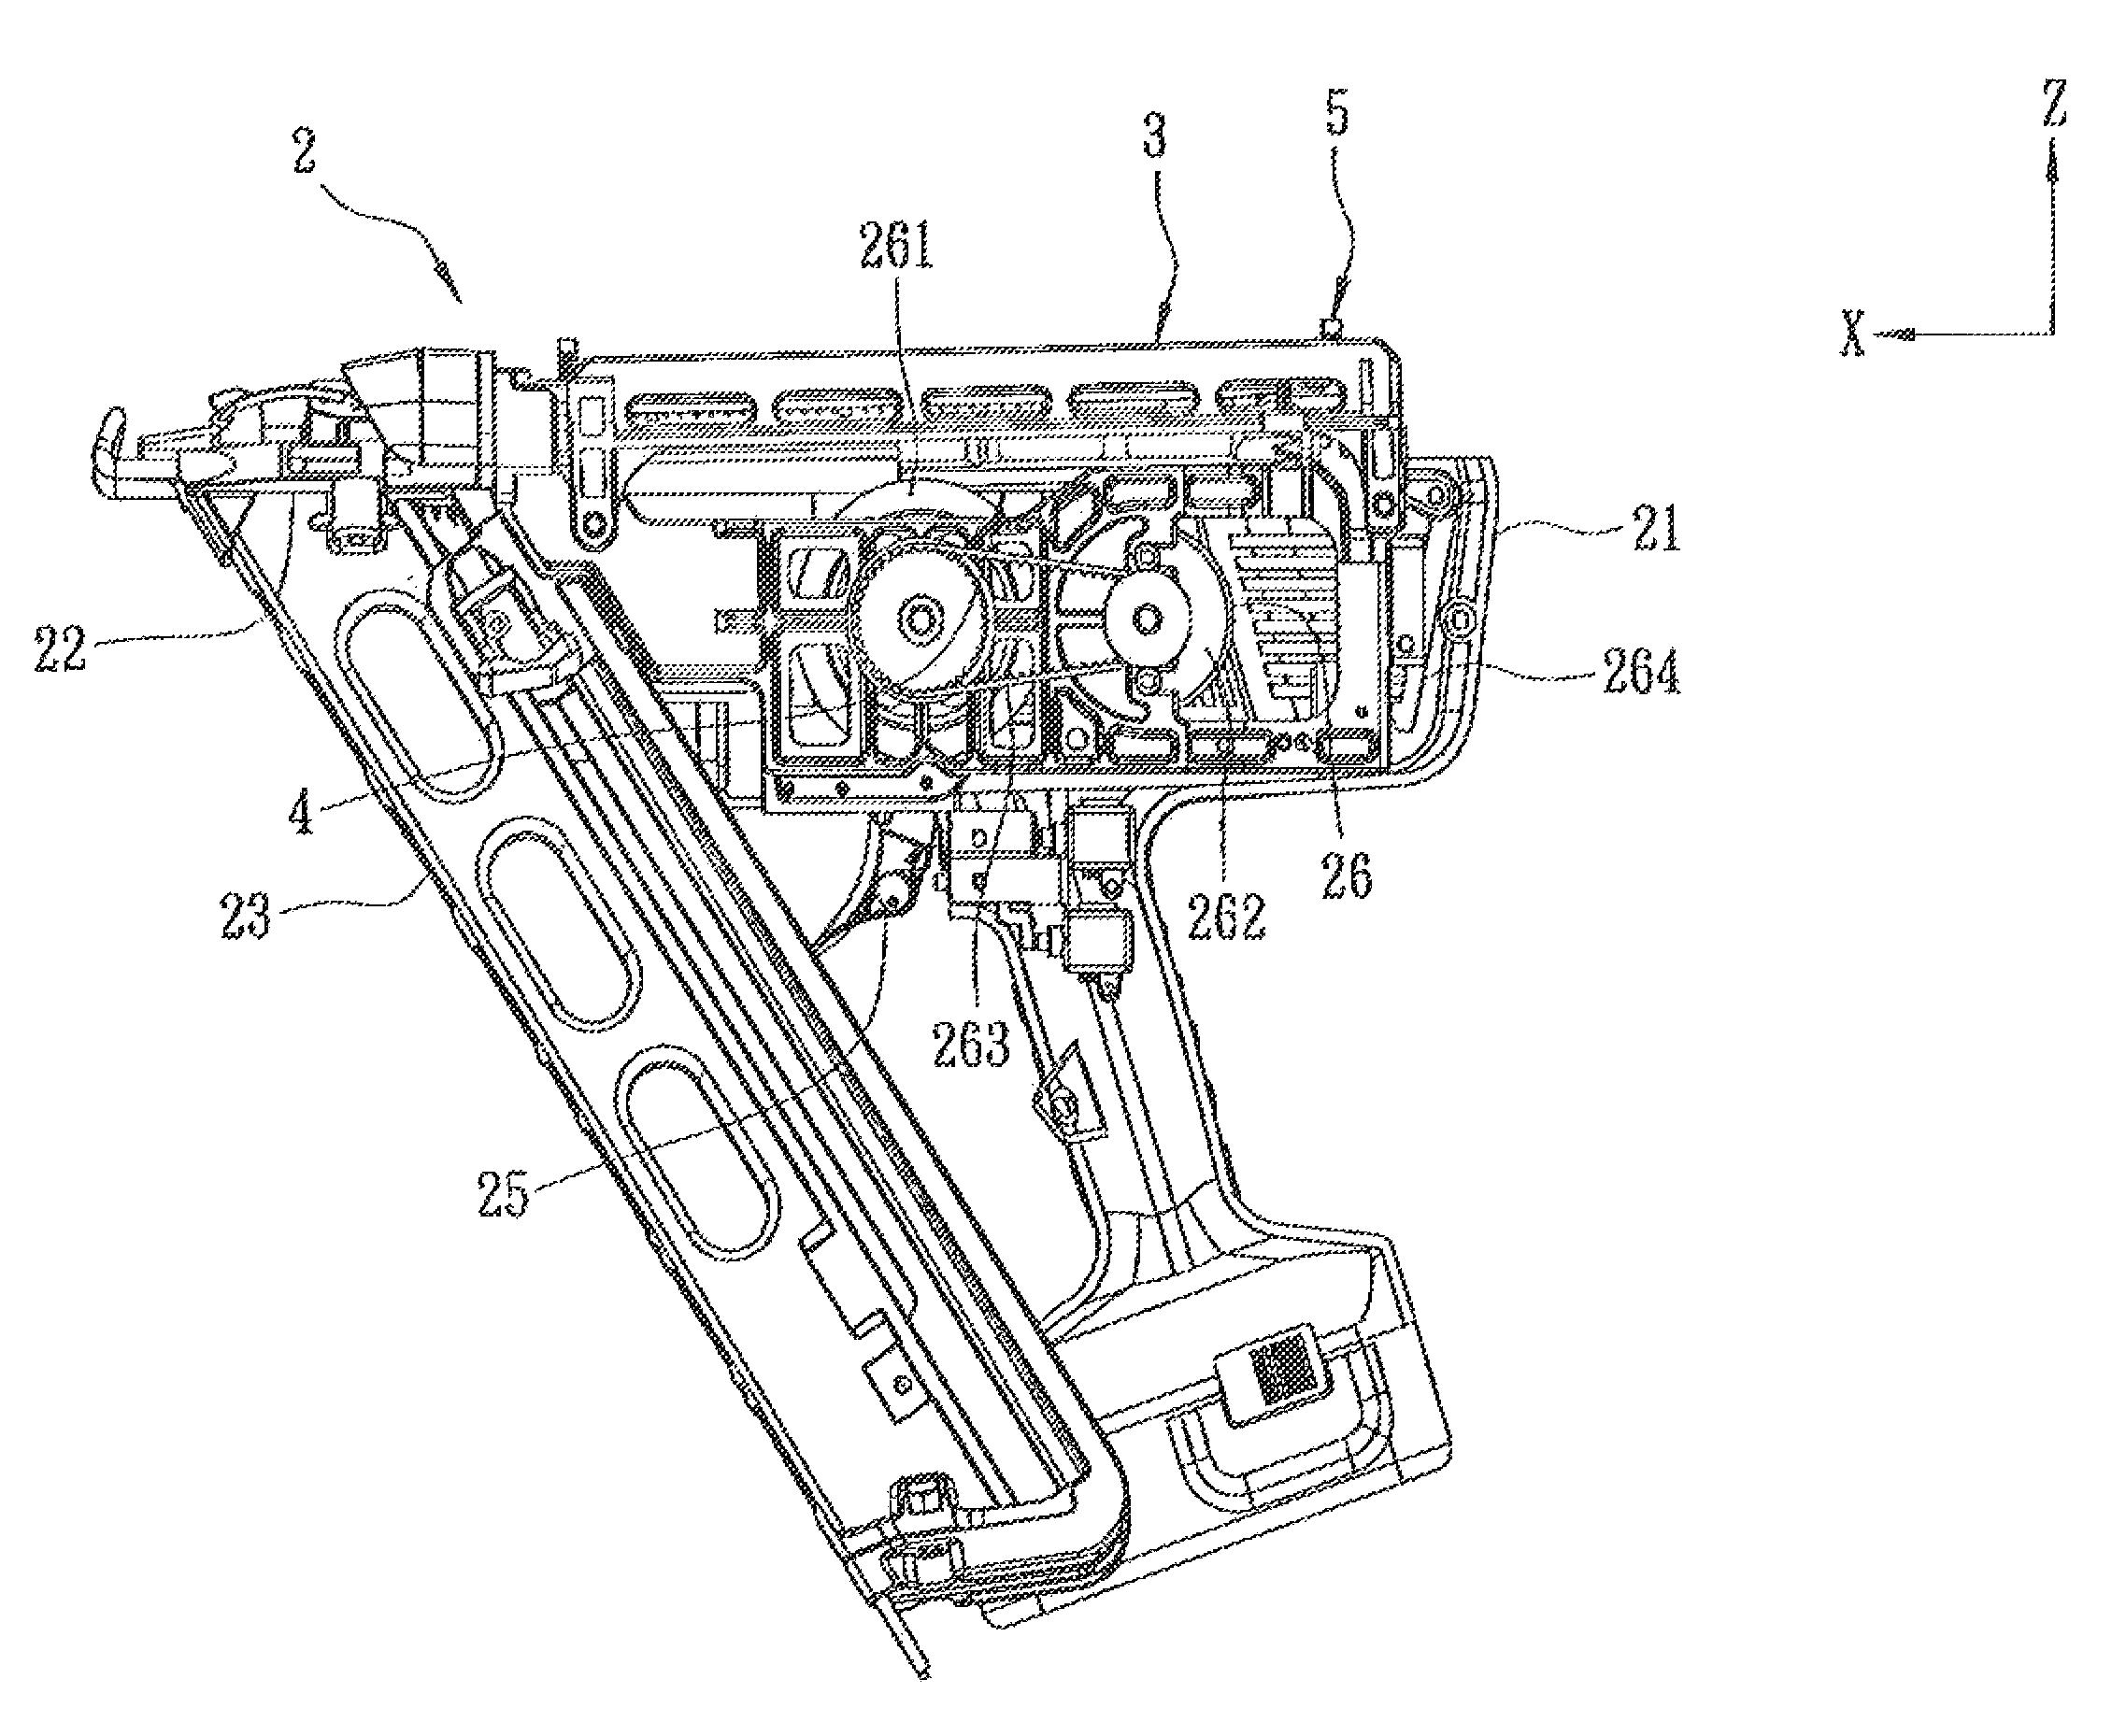 hitachi nail gun parts diagram star delta starter wiring with timer schematic best site